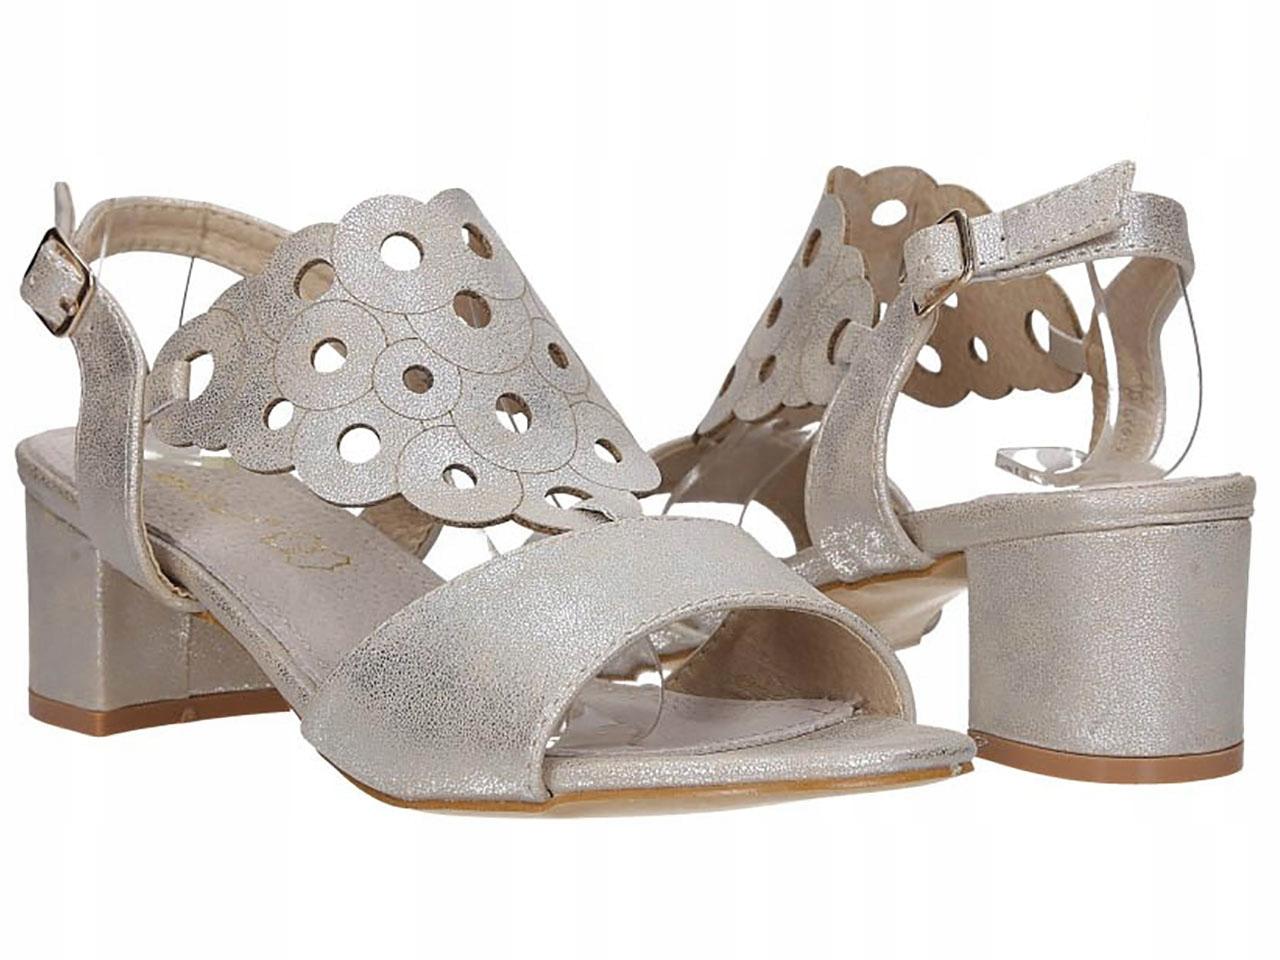 Ażurowe Sandały Na Słupku Niski Obcas Eleganckie